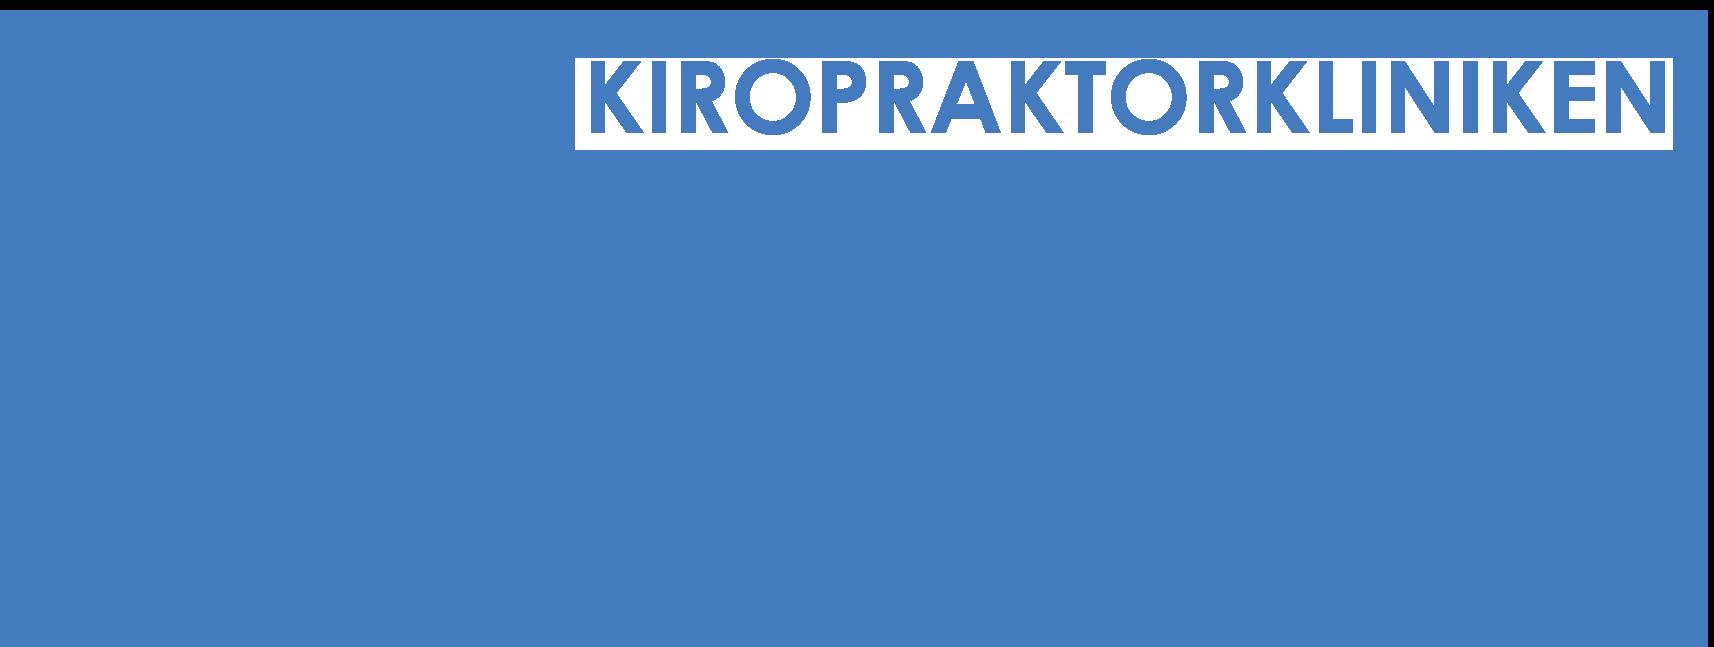 Välkommen till Kiropraktor kliniken Laurin i Malmö